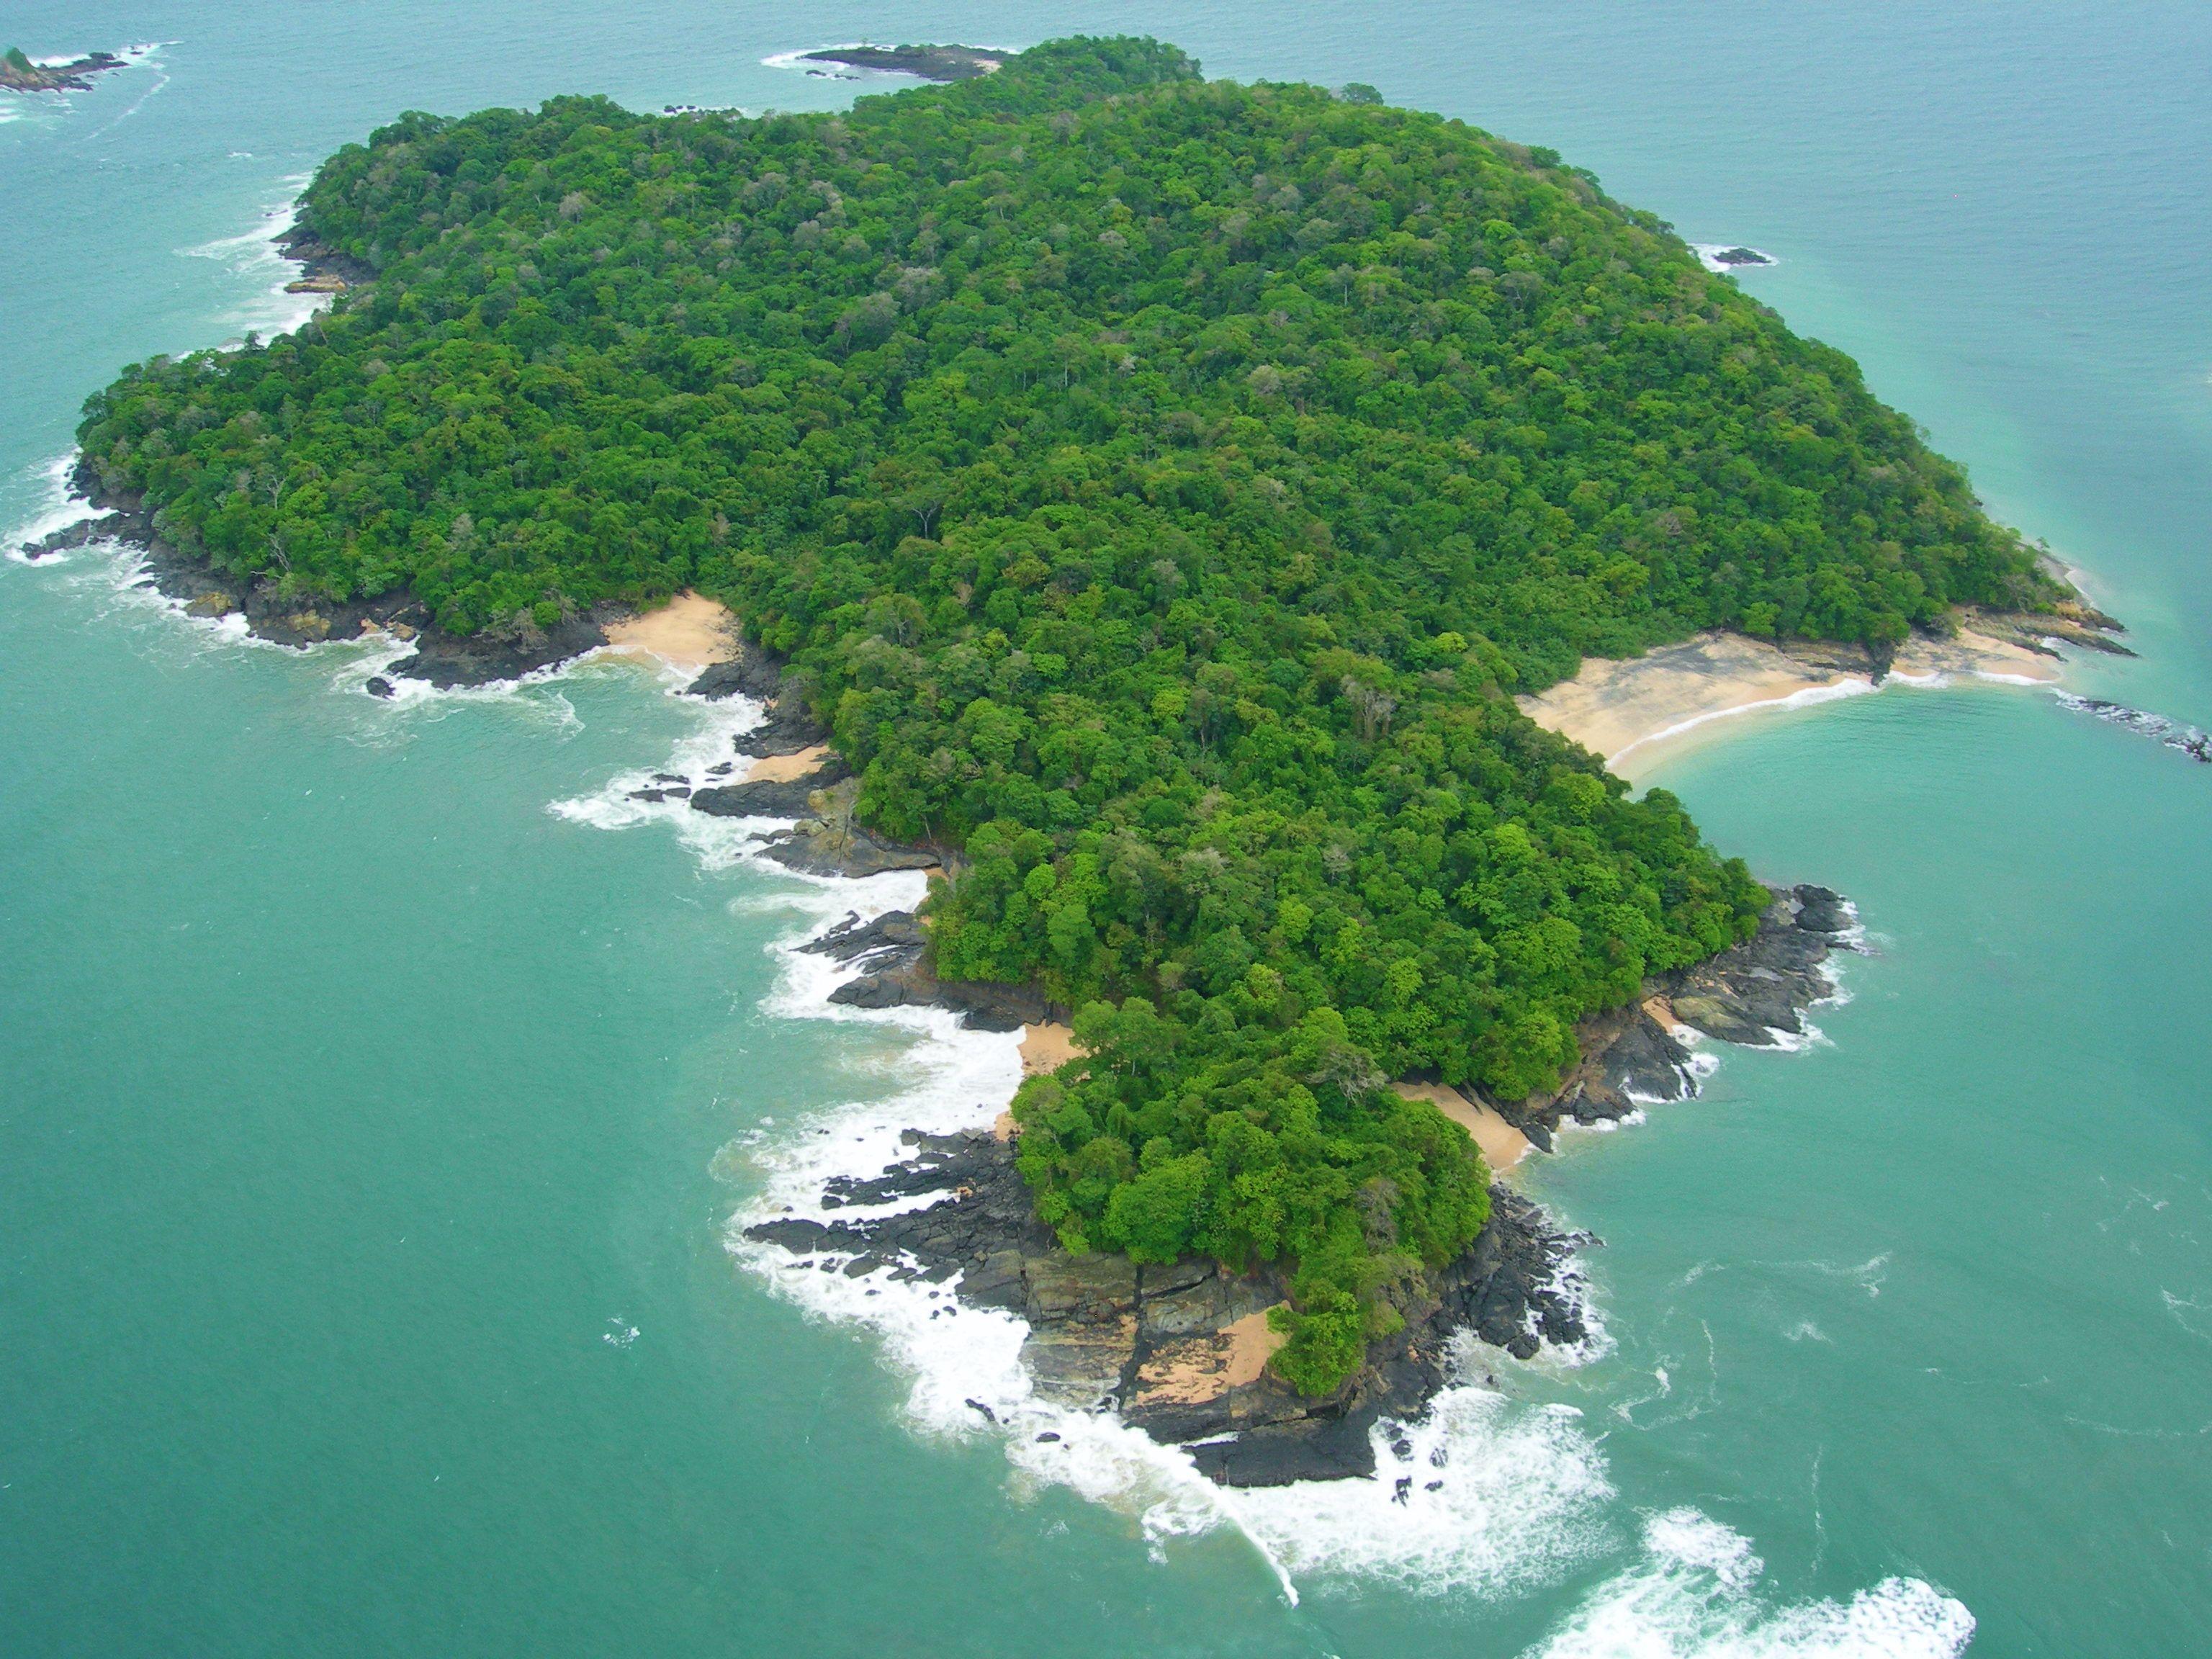 Isla de Puercos, Size 200 acres, Location Perlas